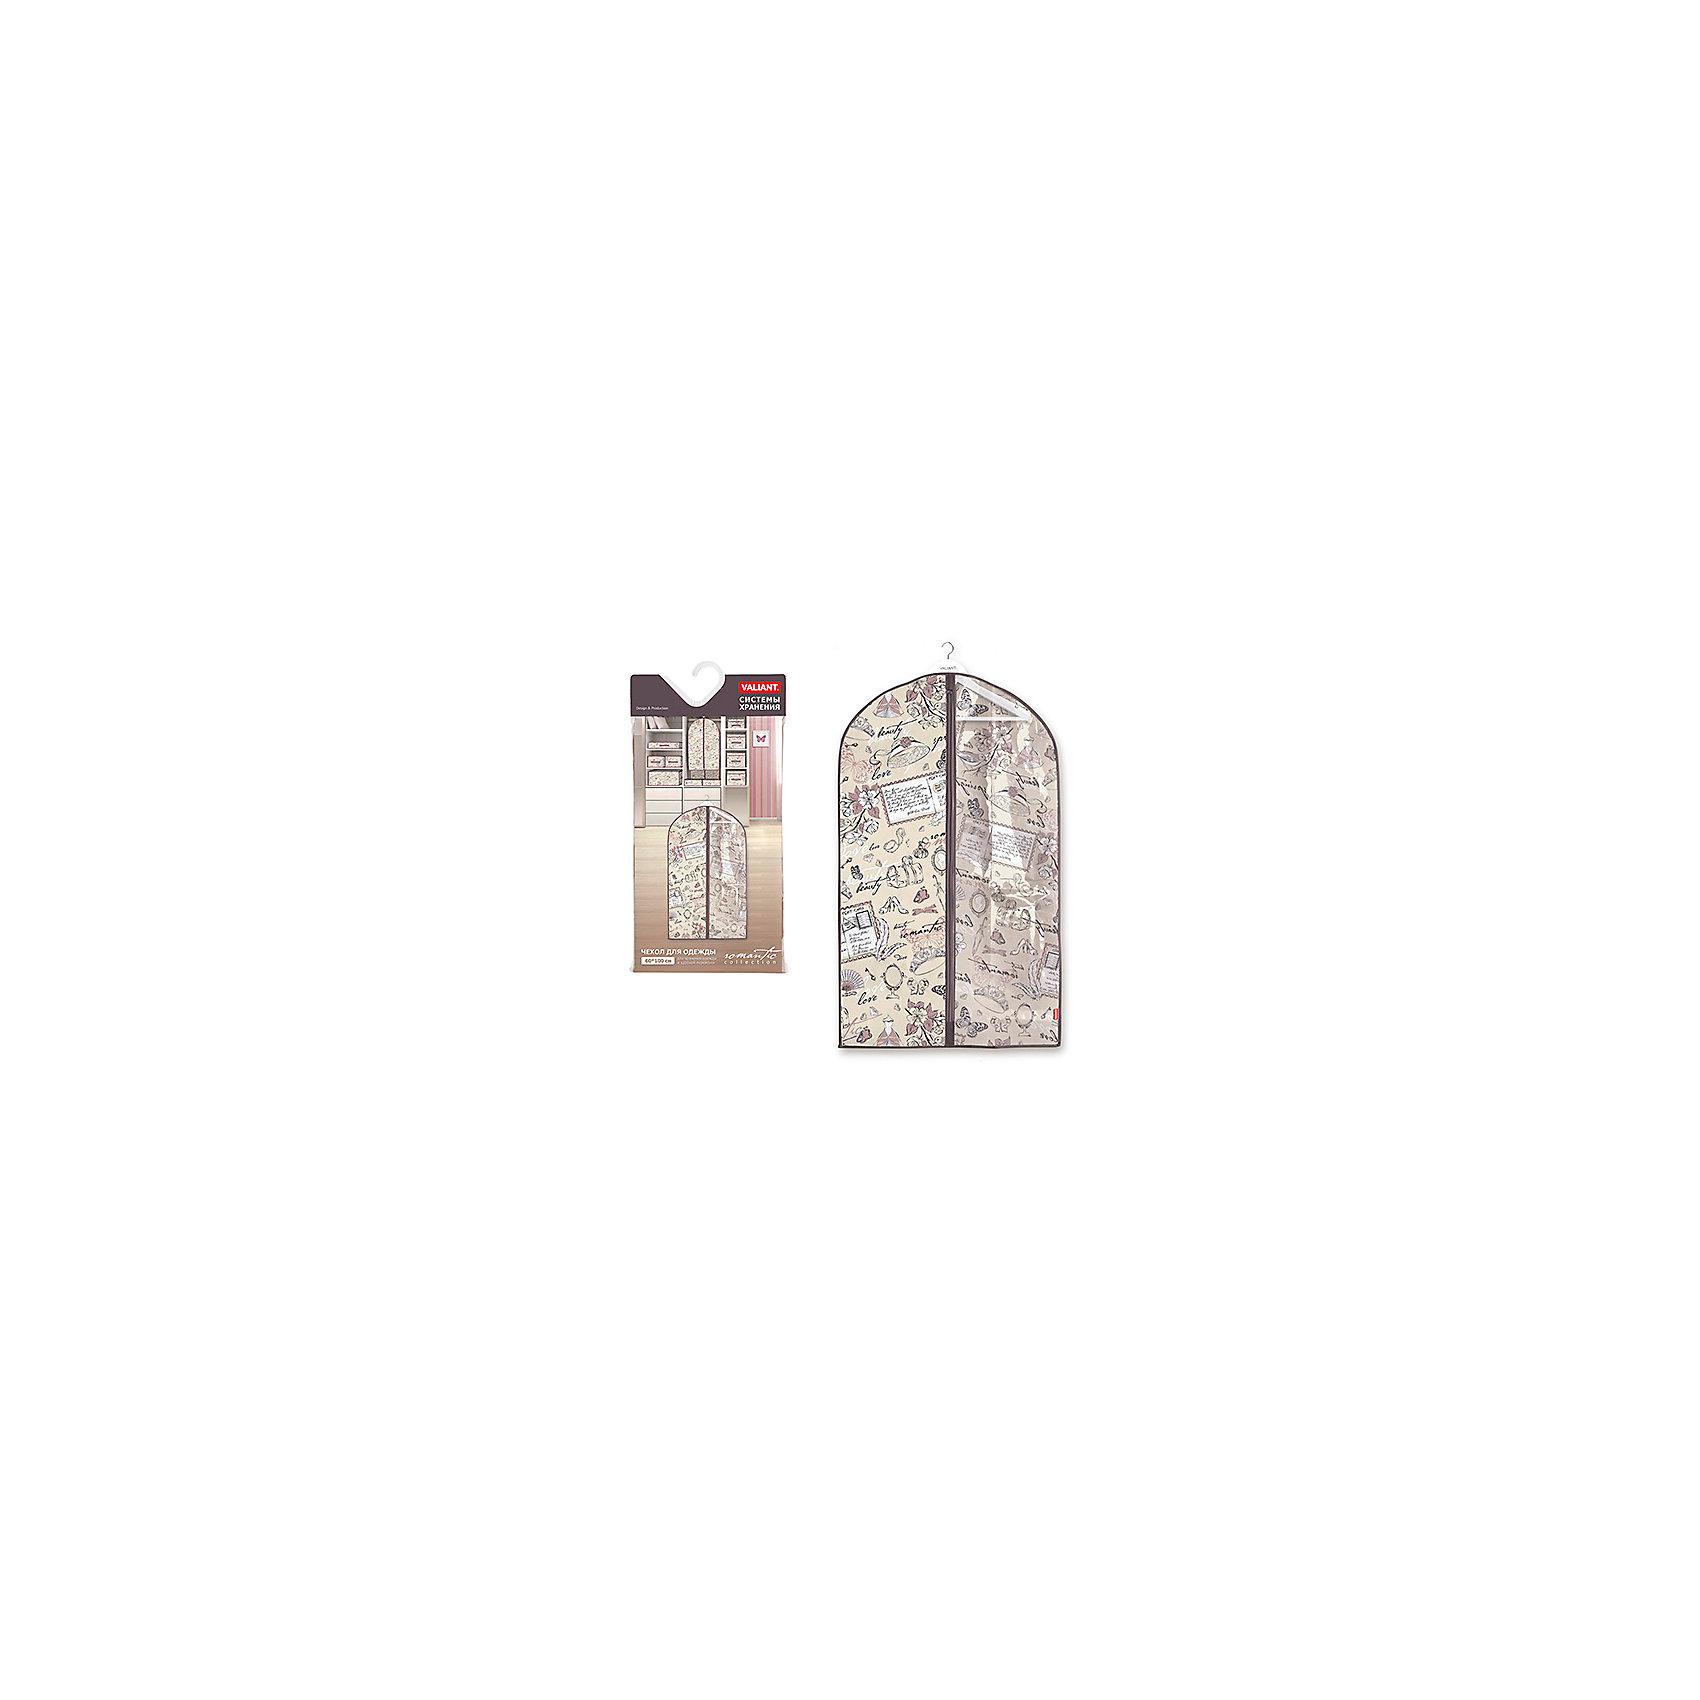 VALIANT Чехол для одежды с прозрачной вставкой, малый, 60*100 см, ROMANTIC, Valiant